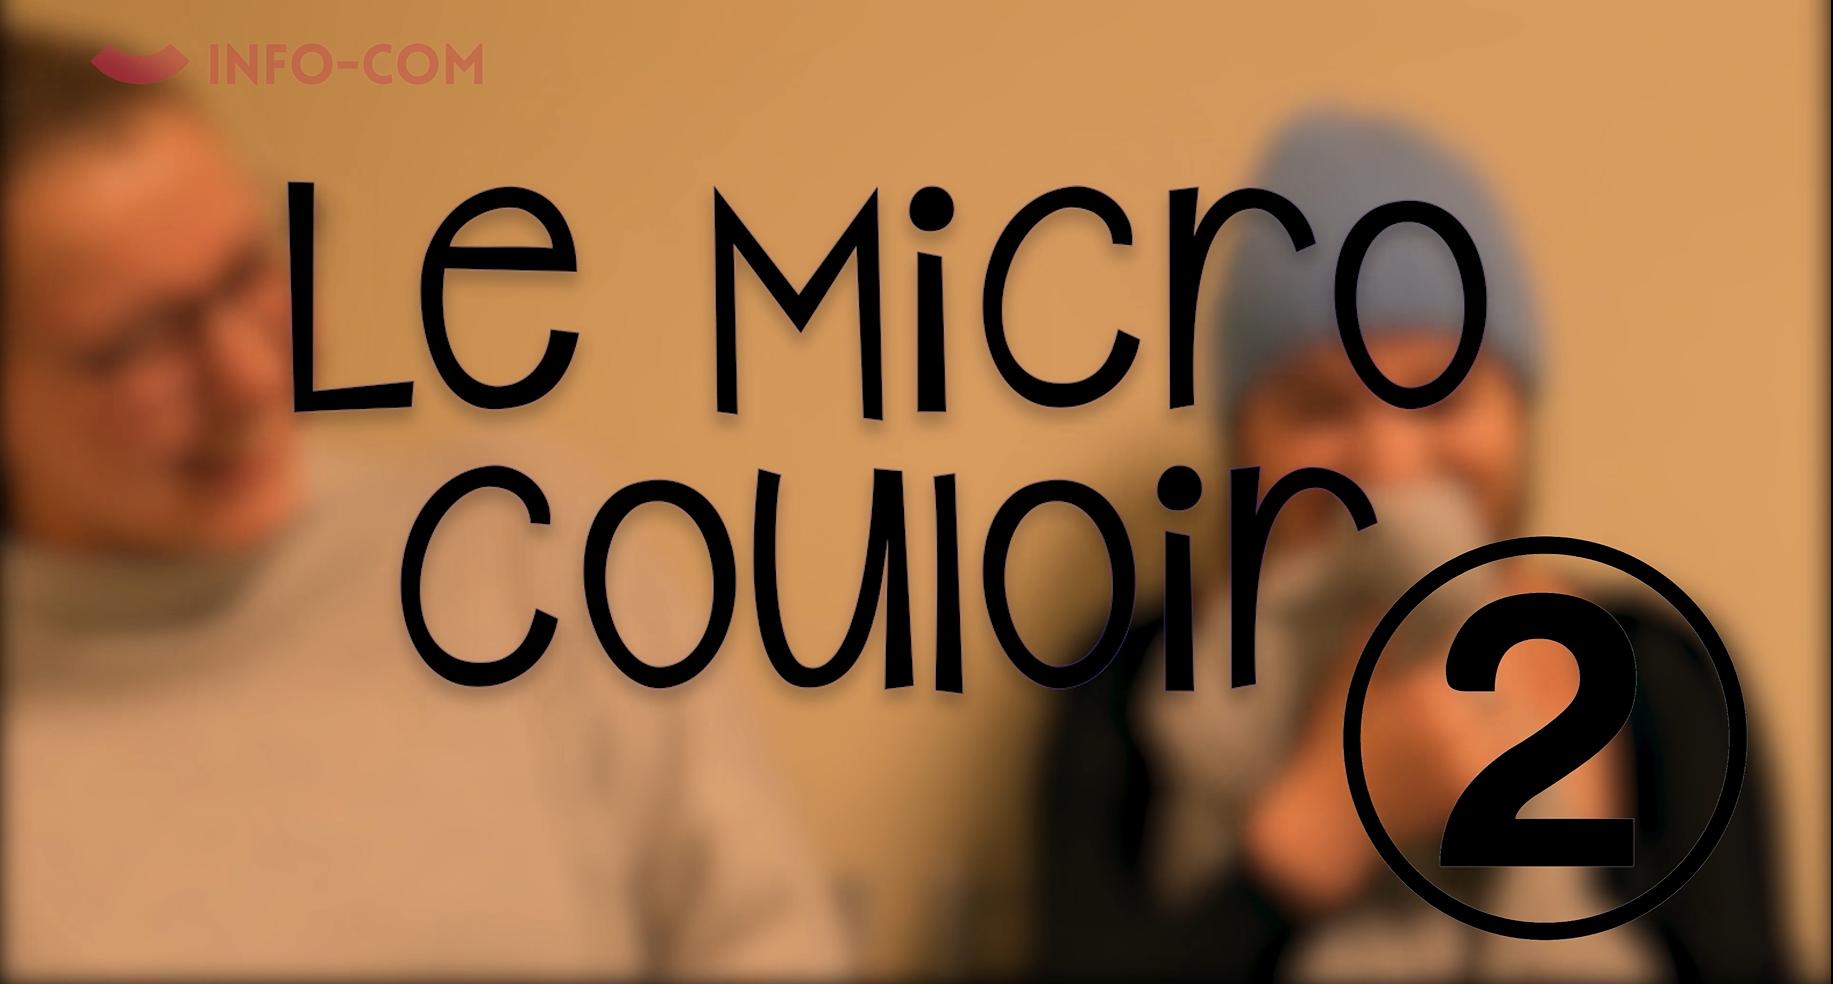 Micro Couloir #2